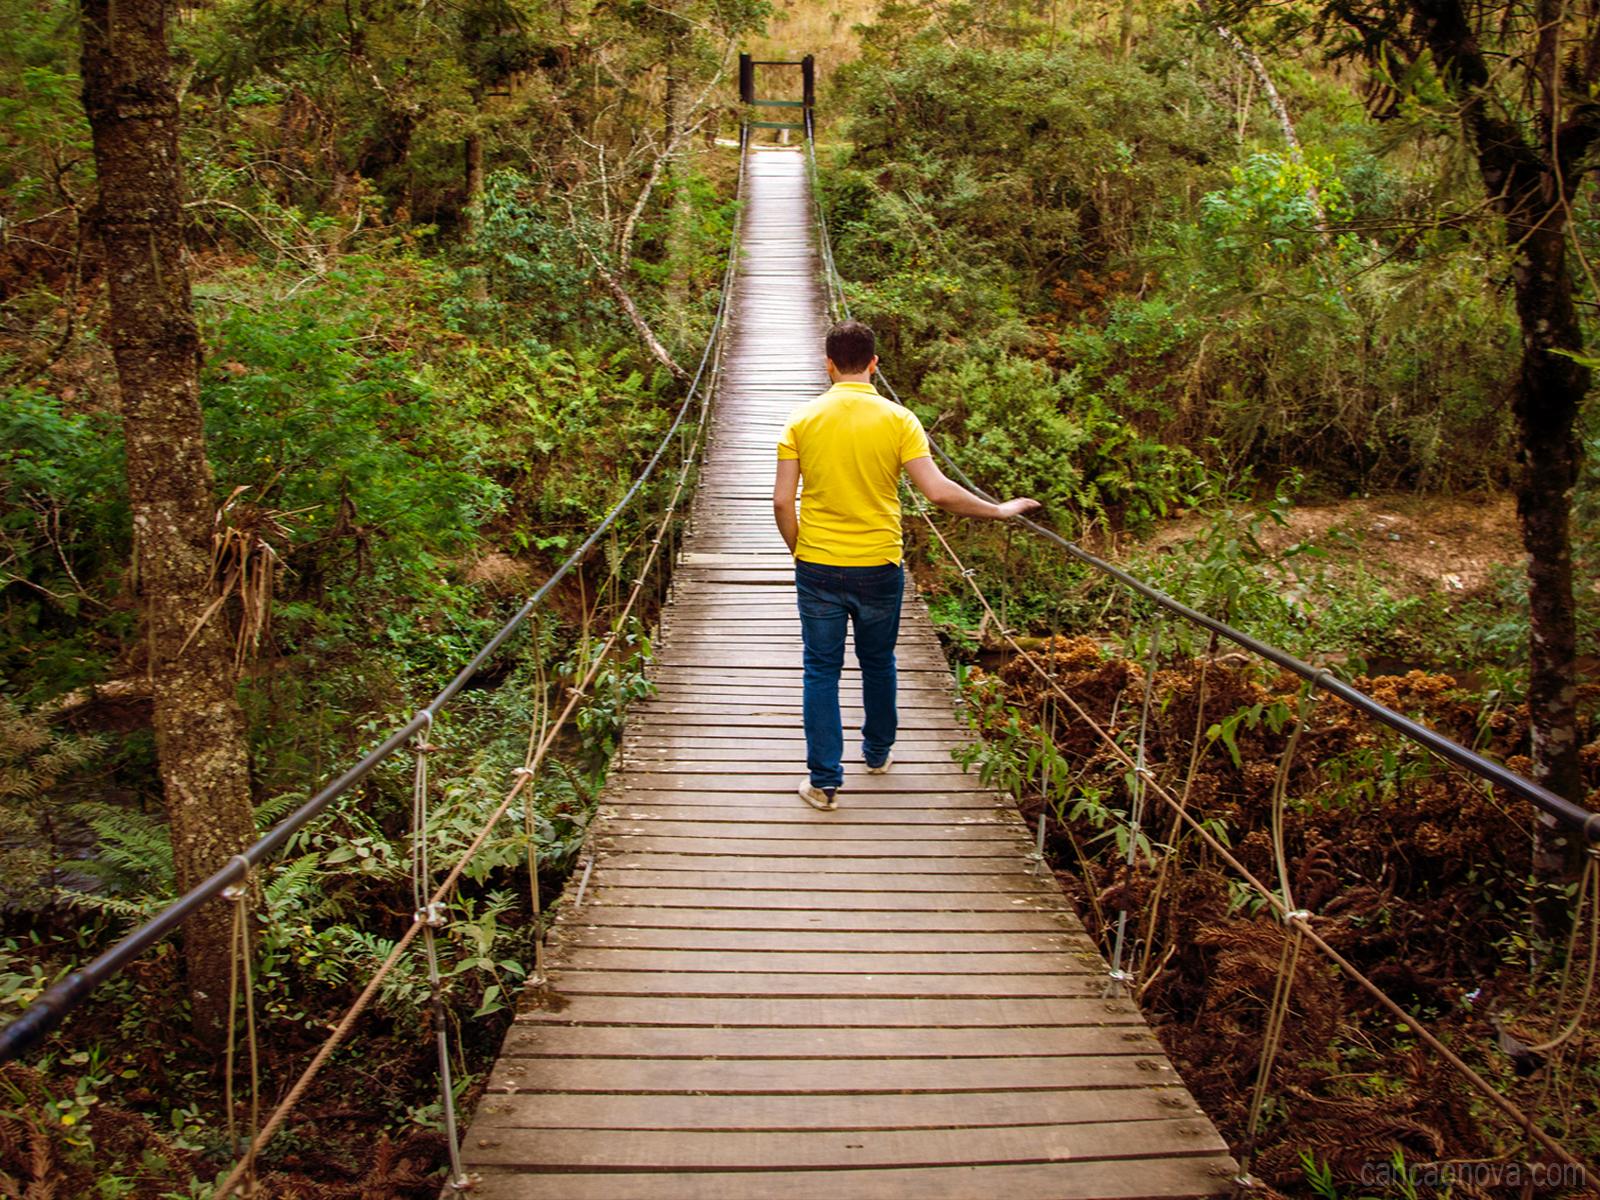 Seis dicas para uma mudança de vida com fé e coragem